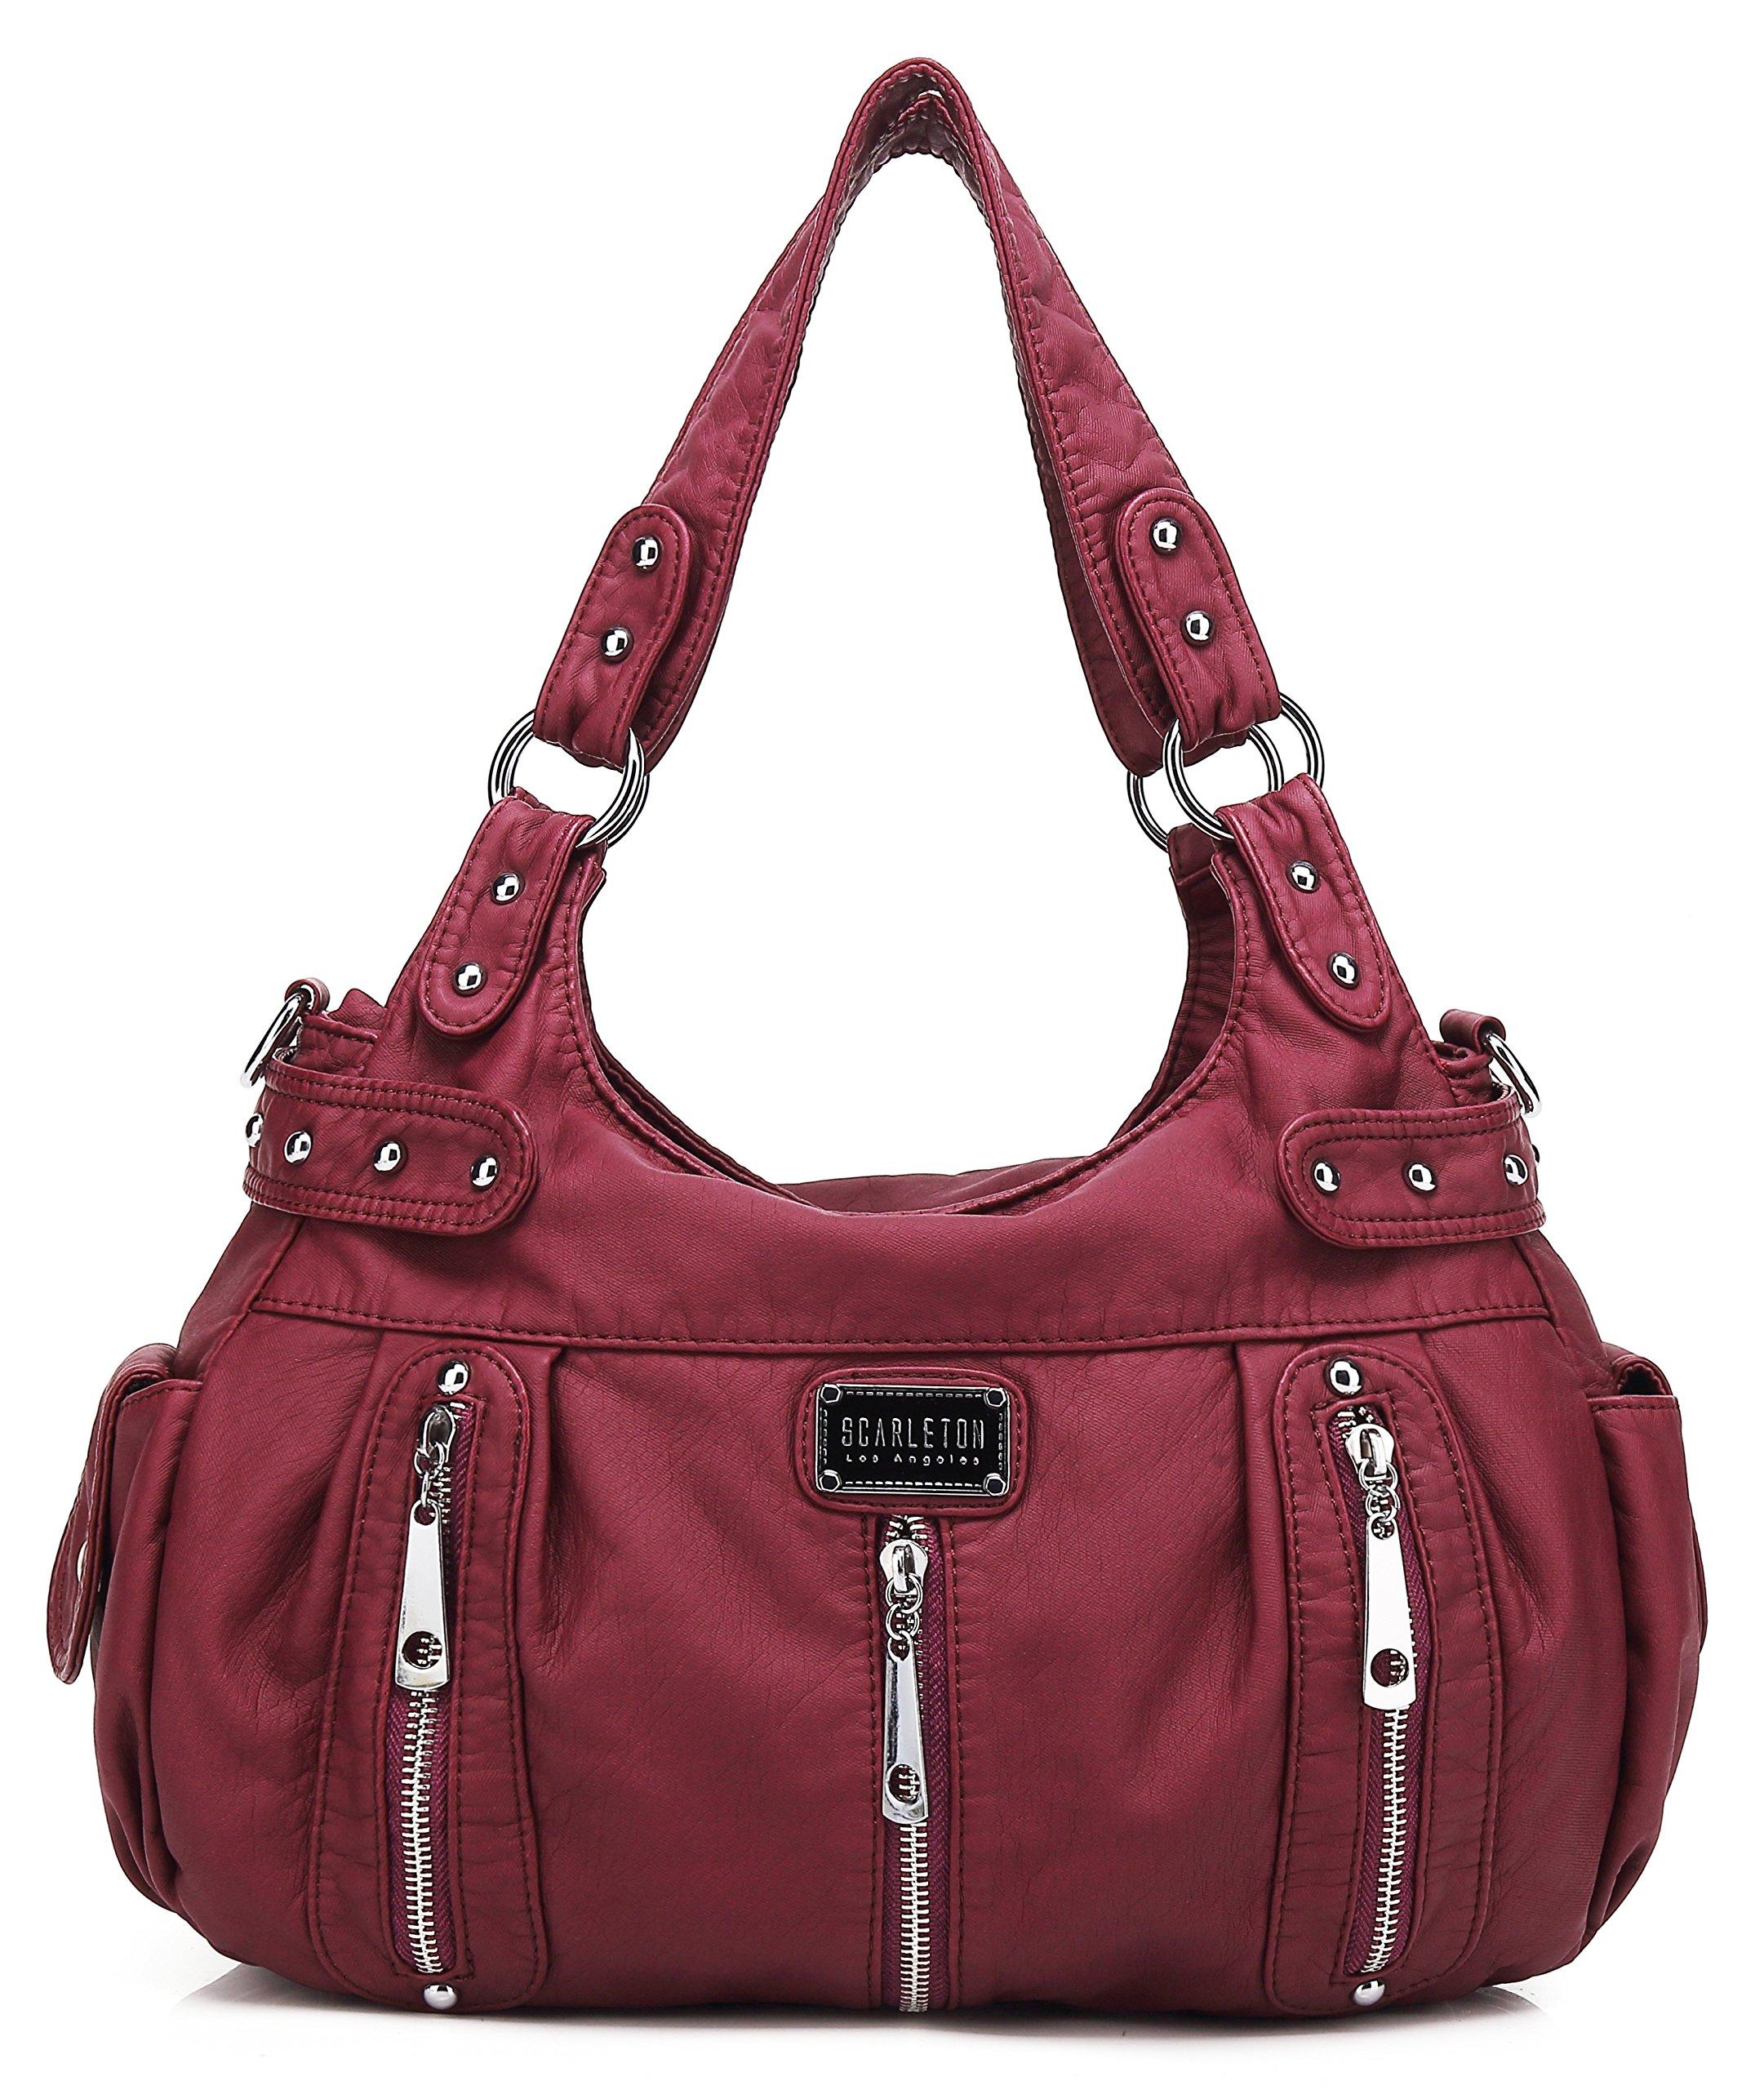 Scarleton 3 Front Zipper Shoulder Bag H129216 - Purple (Magenta)